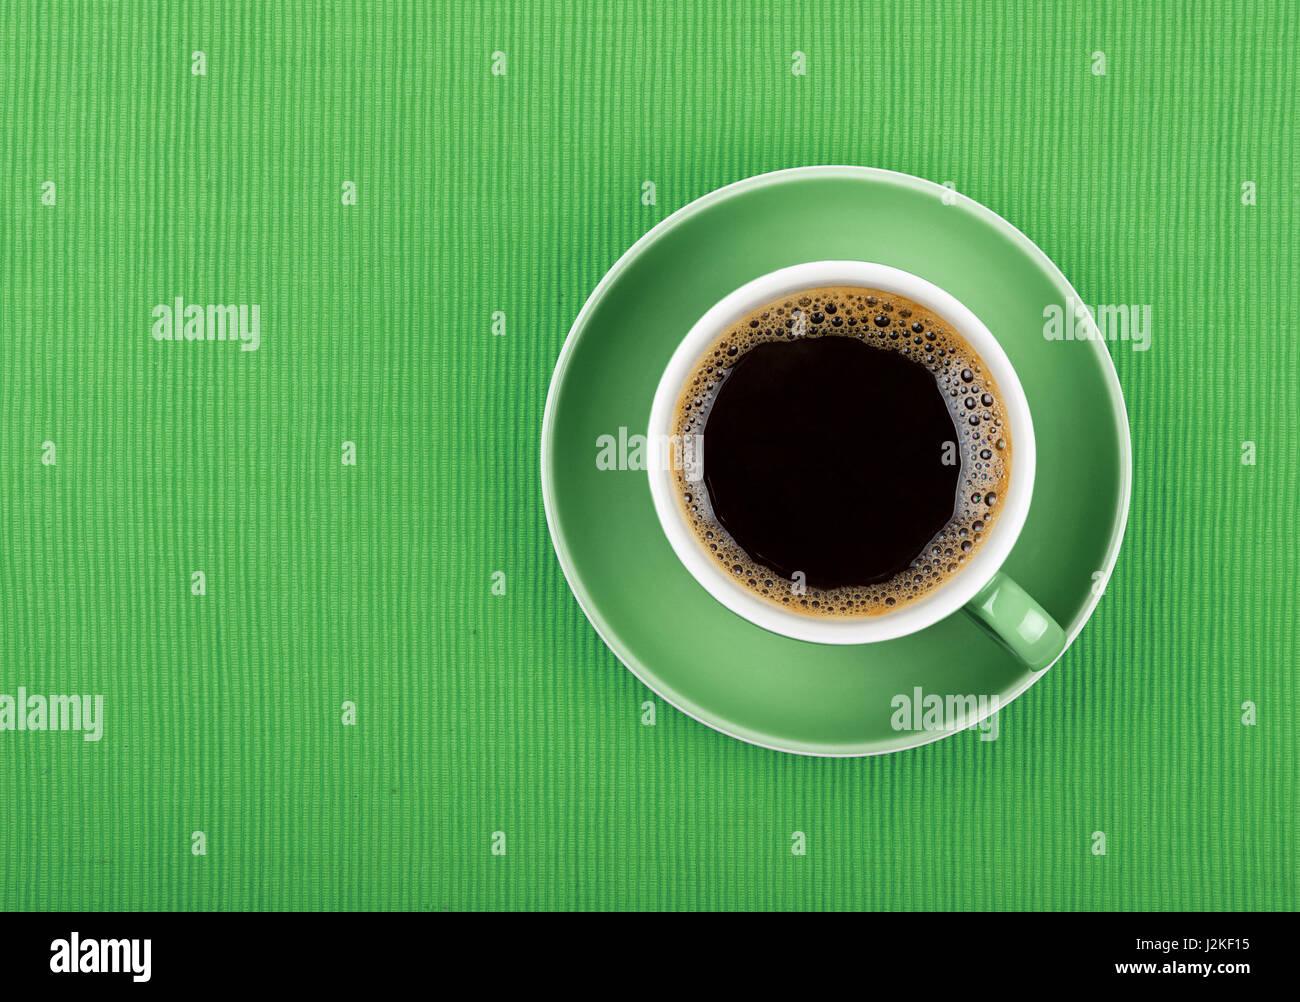 Tazza piena di nero americano o caffè istantaneo sul piattino sulla tovaglia verde, vicino fino, elevati vista Immagini Stock